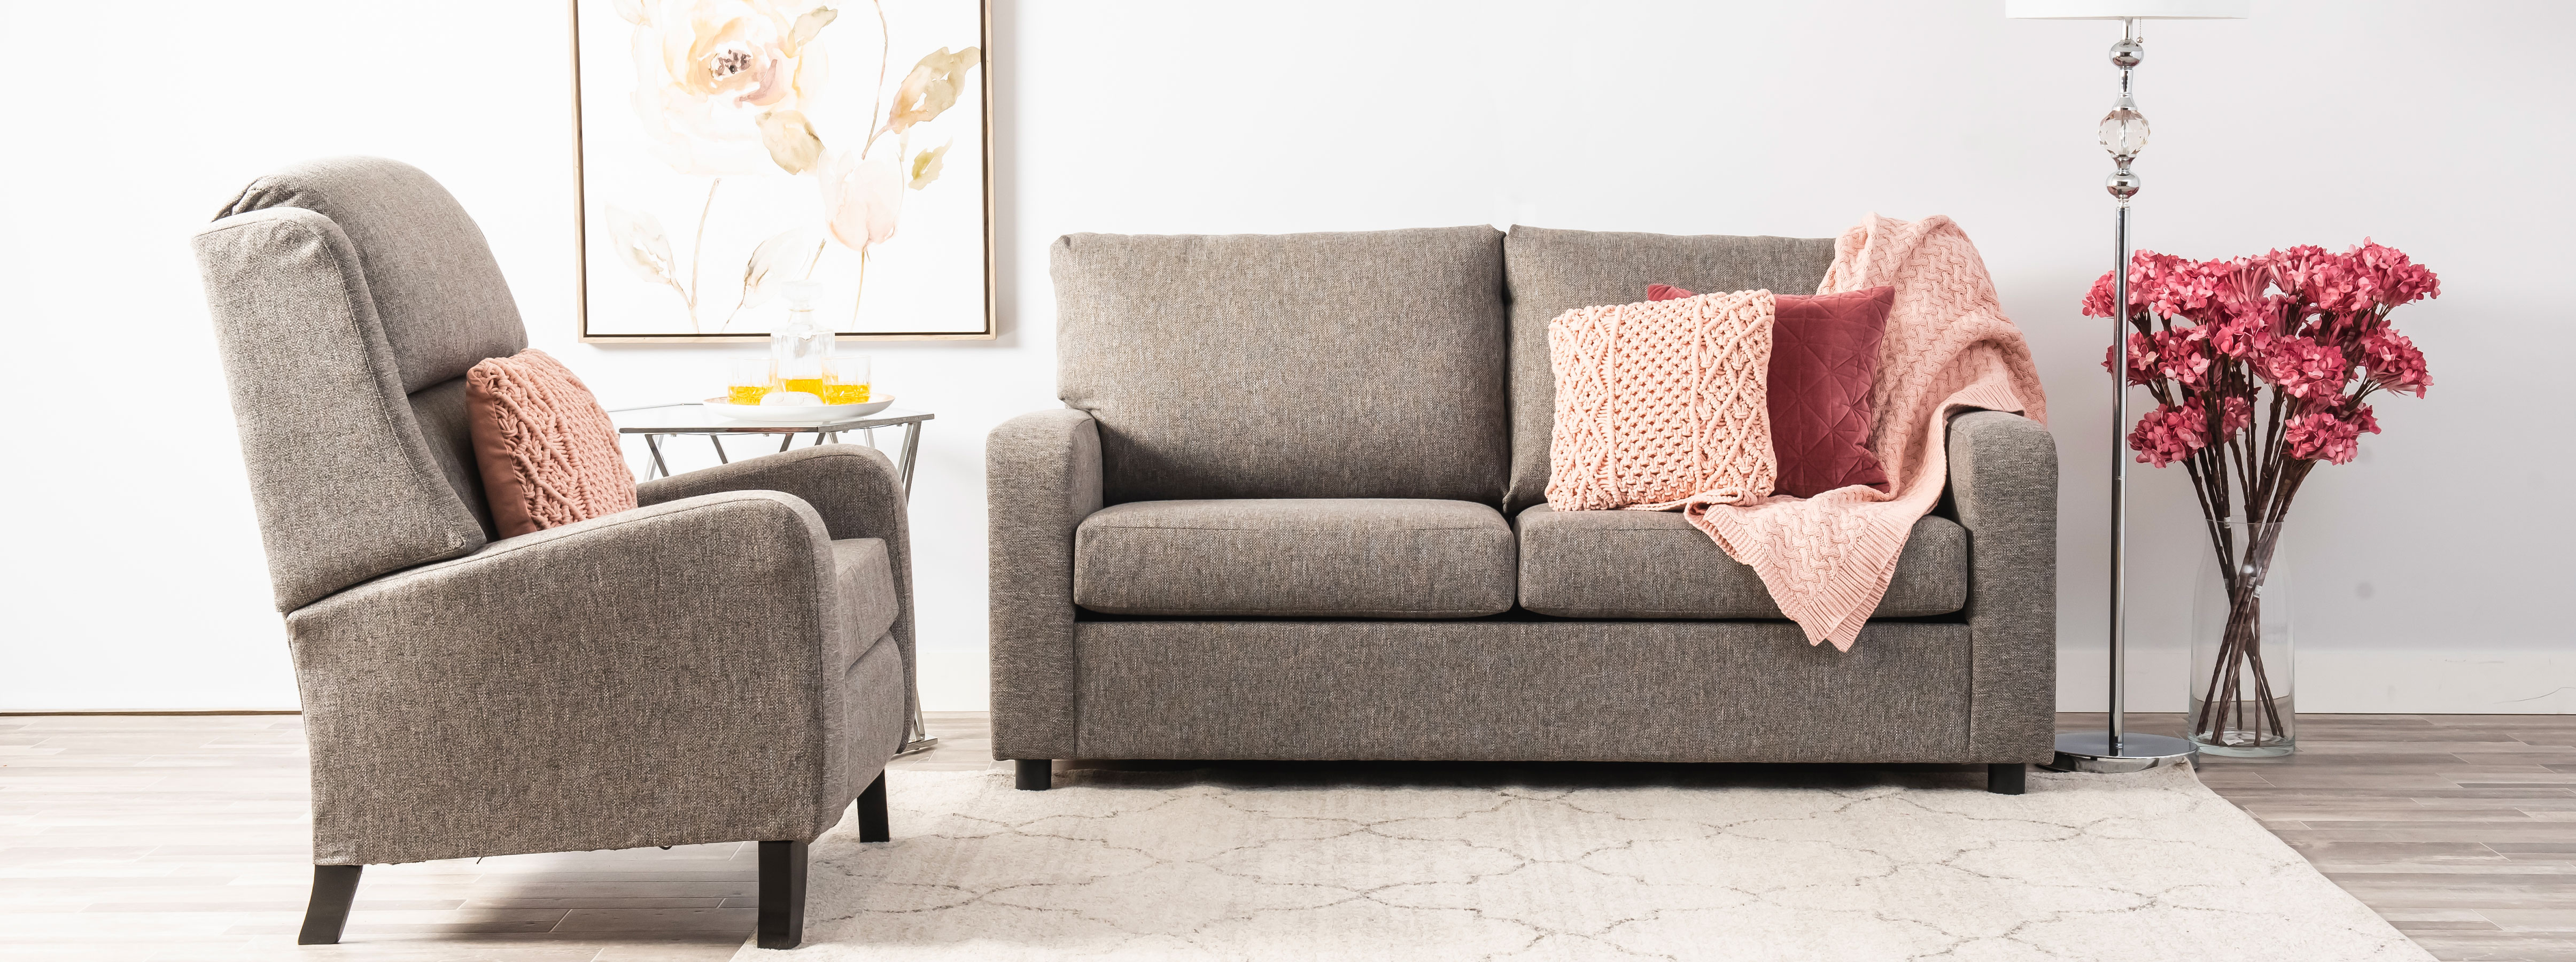 Sofa-lit